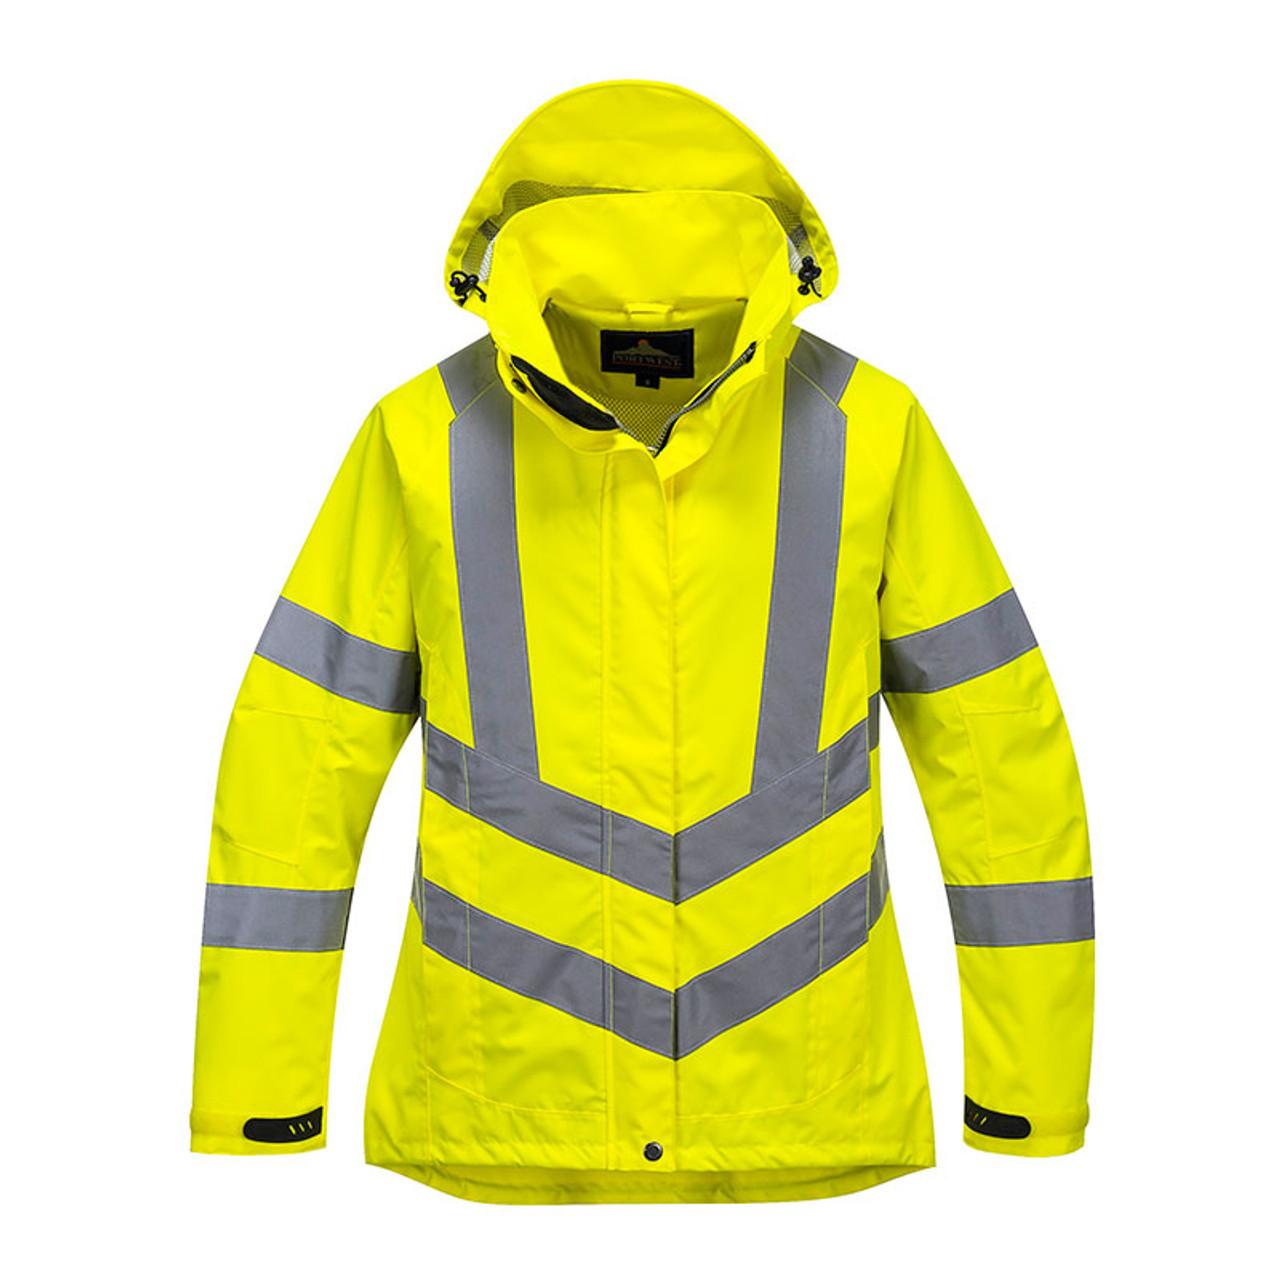 Portwest Hi Vis Traffic Jacket 7-in-1 Visibility ANSI Reflective Work Coat US427